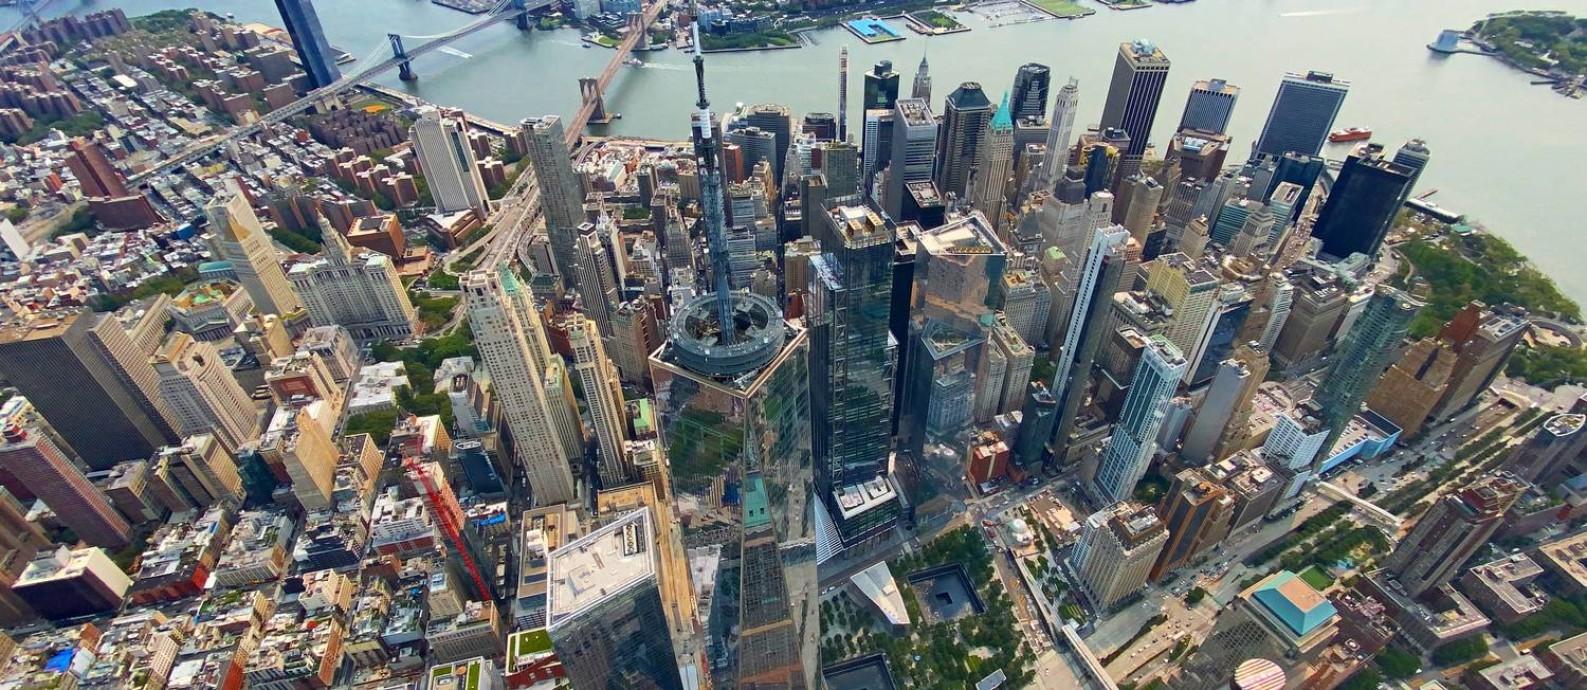 Vista aérea do WTC 1 e do Memorial do 11 de Setembro em Nova York Foto: Pedro Moreira / Agëncia O Globo